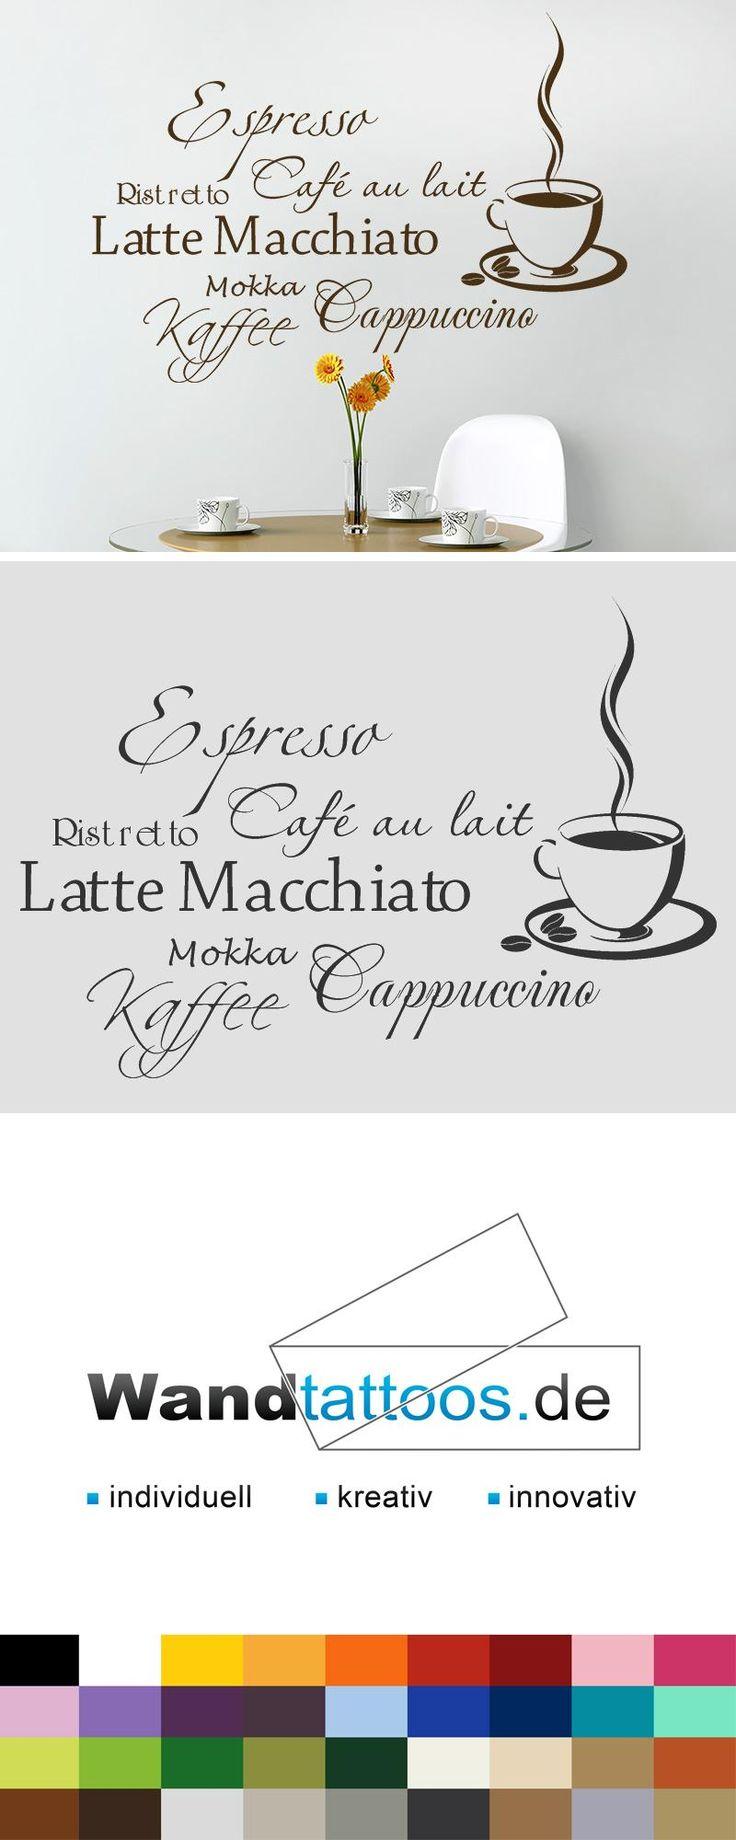 Wandtattoo Kaffee Aroma als Idee zur individuellen Wandgestaltung. Einfach Lieblingsfarbe und Größe auswählen. Weitere kreative Anregungen von Wandtattoos.de hier entdecken!